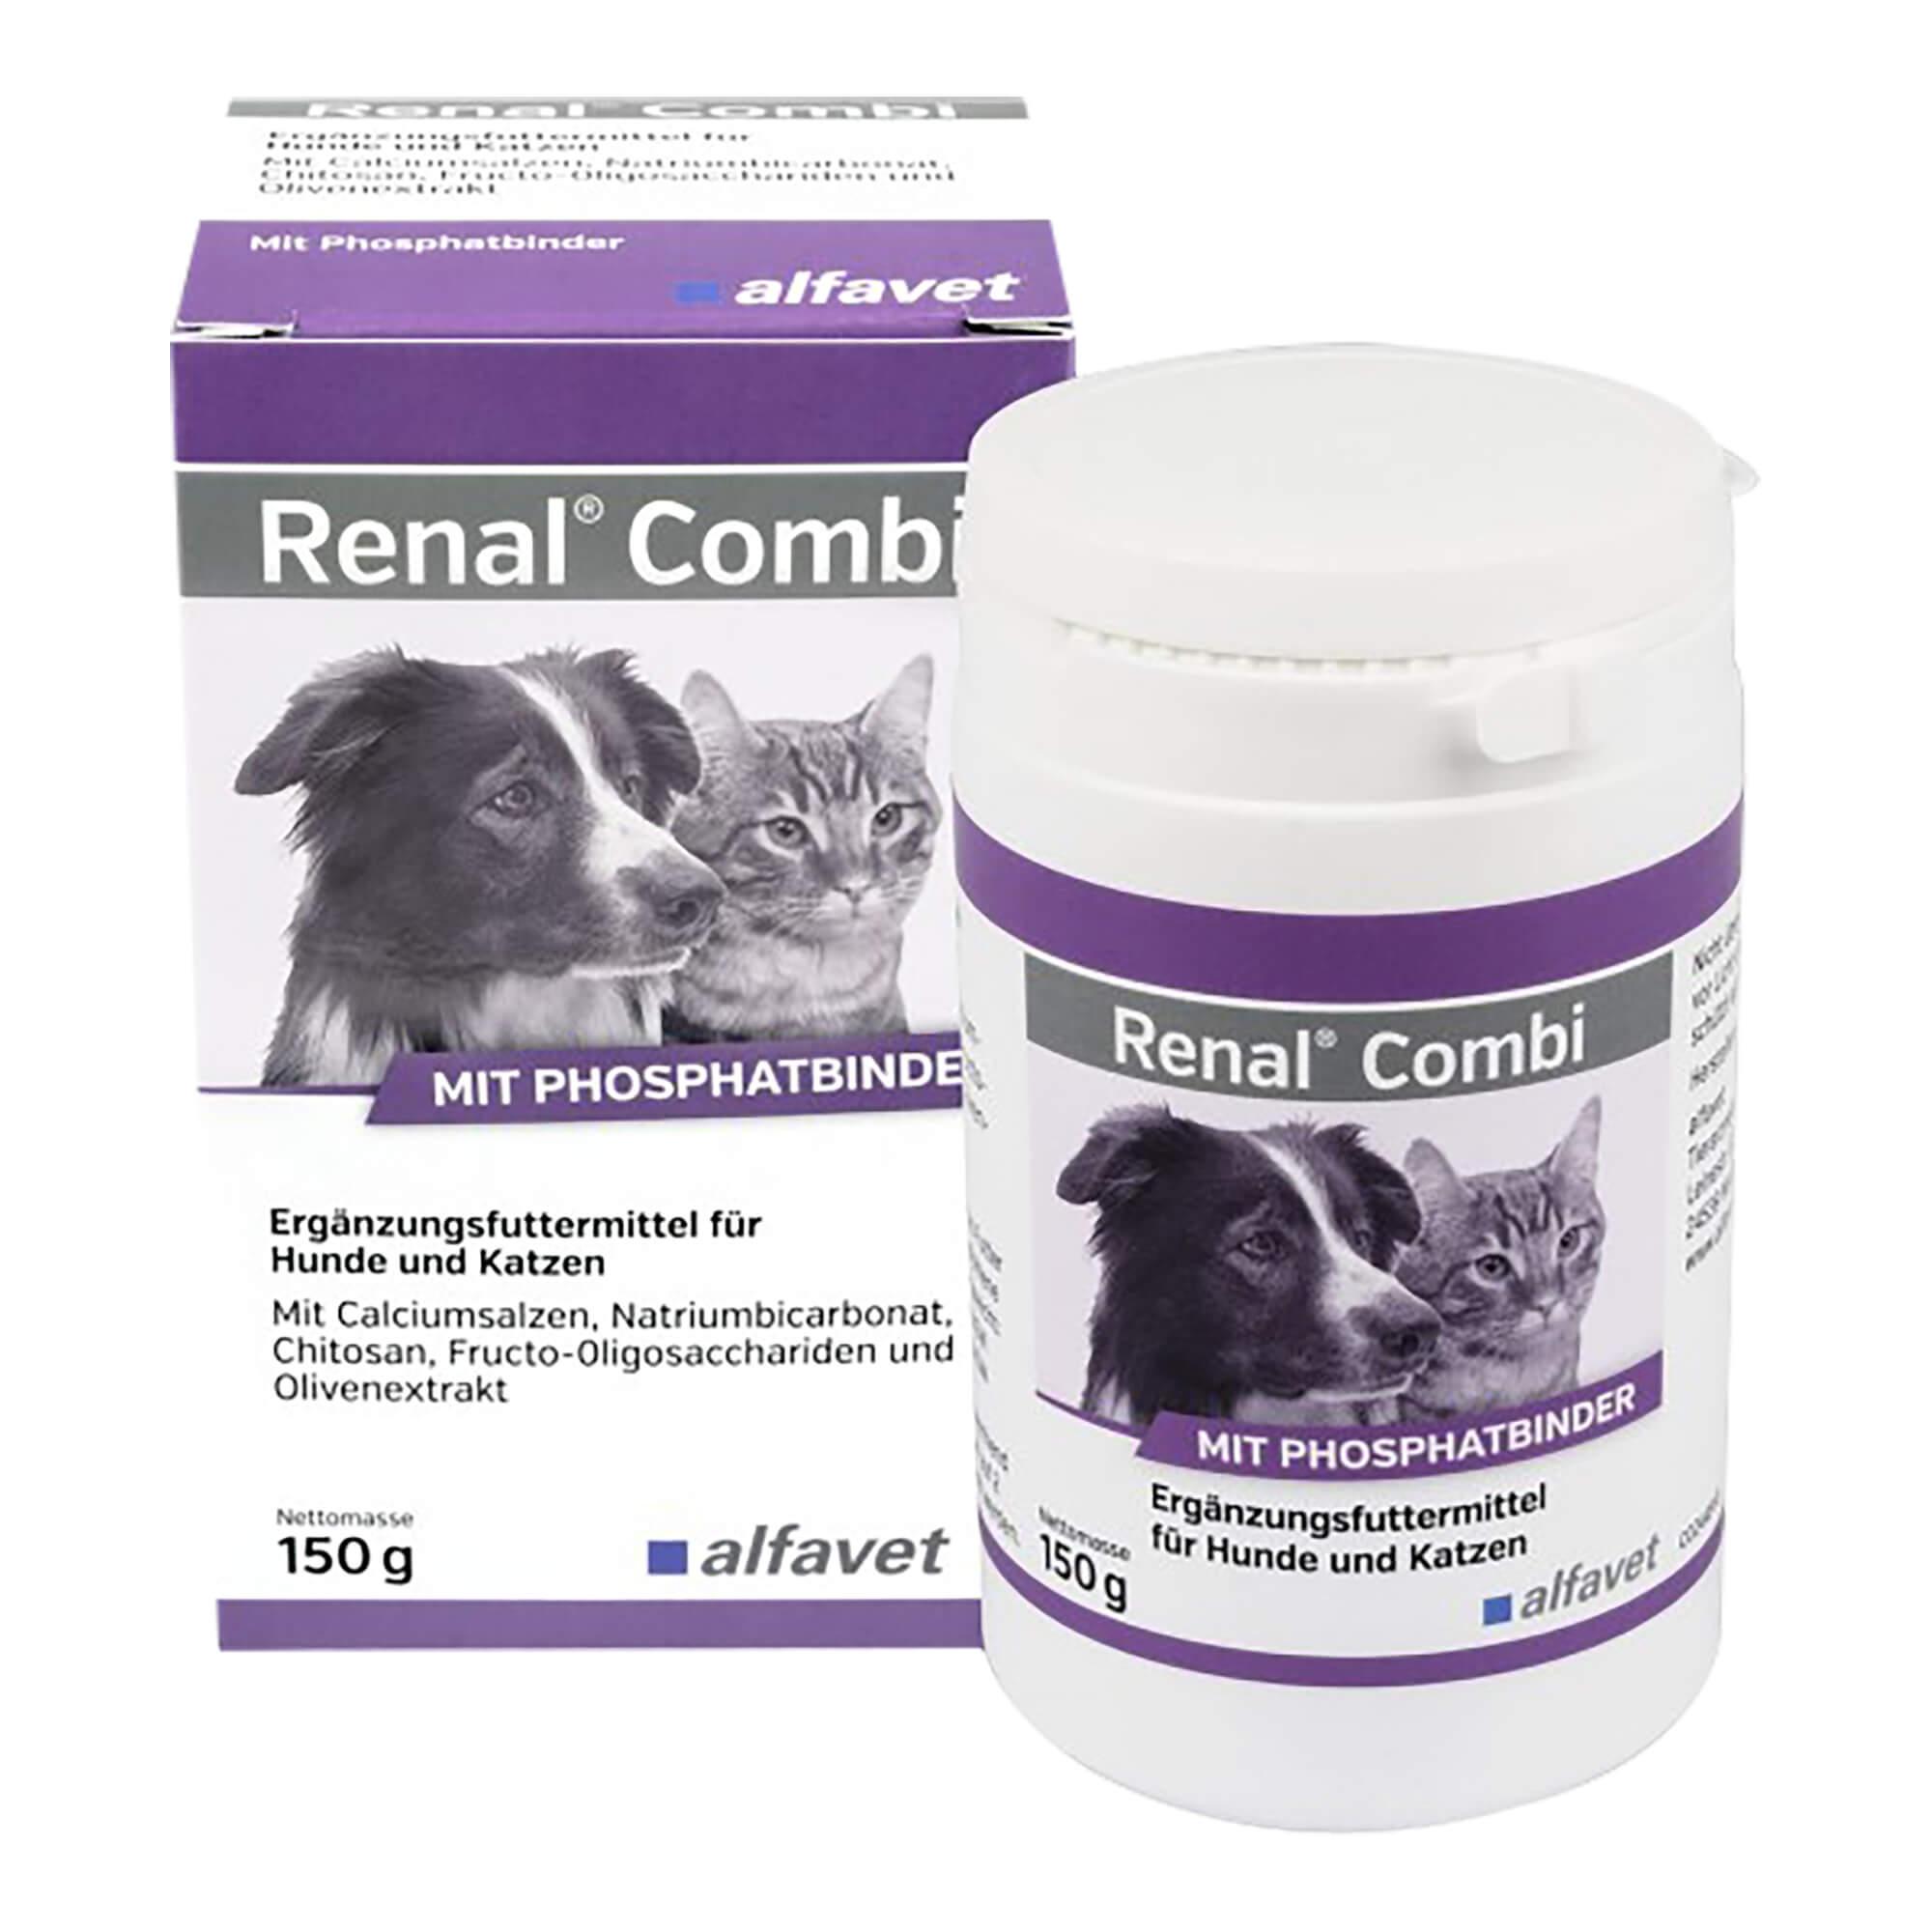 Renal Combi Ergänzungsfuttermittel Pulver für Hunde/Katzen